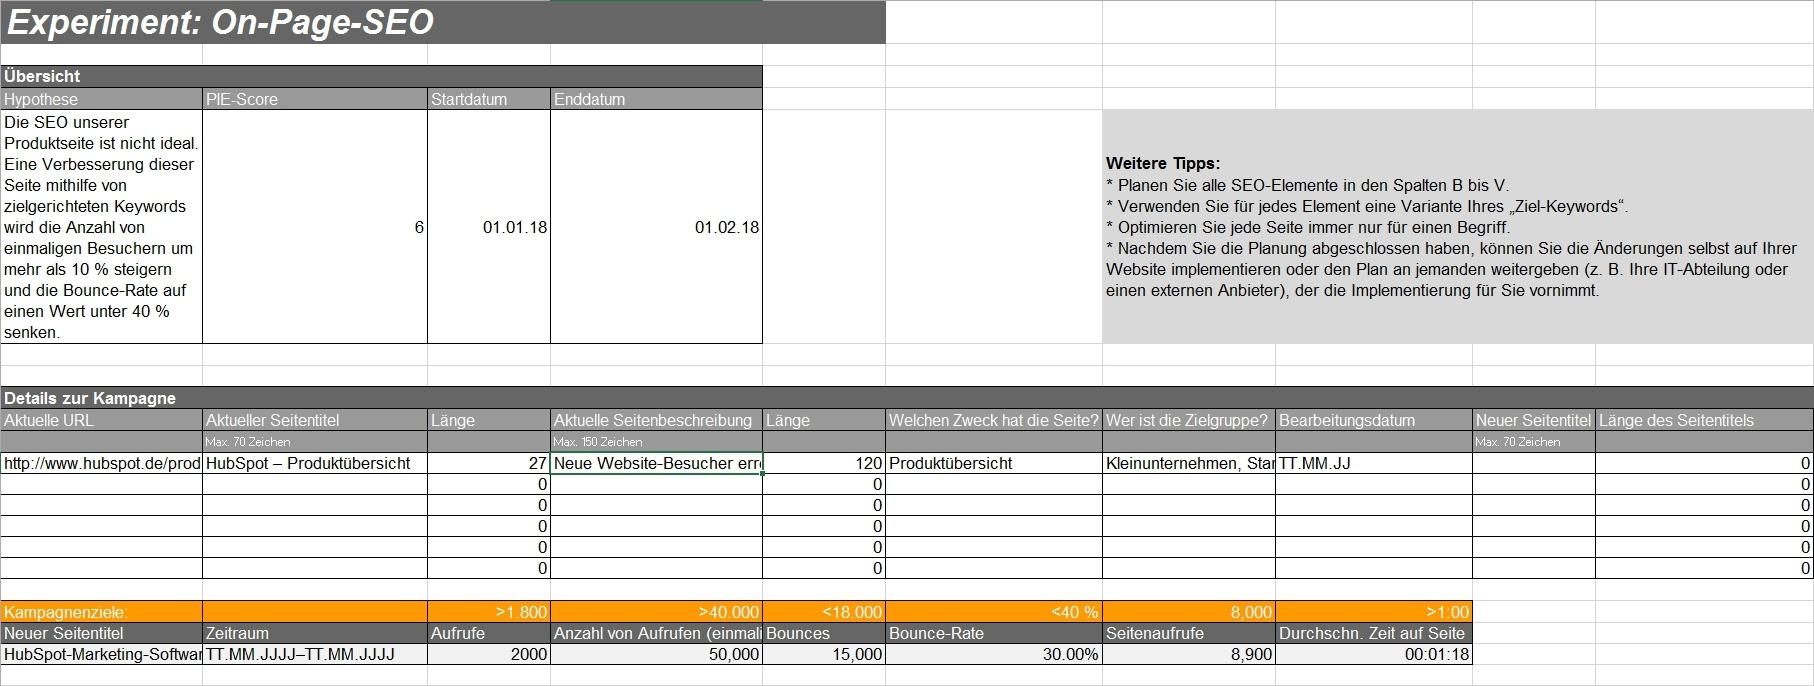 HubSpot - Marketingexperiment-Vorlagen - Beispielbild 2